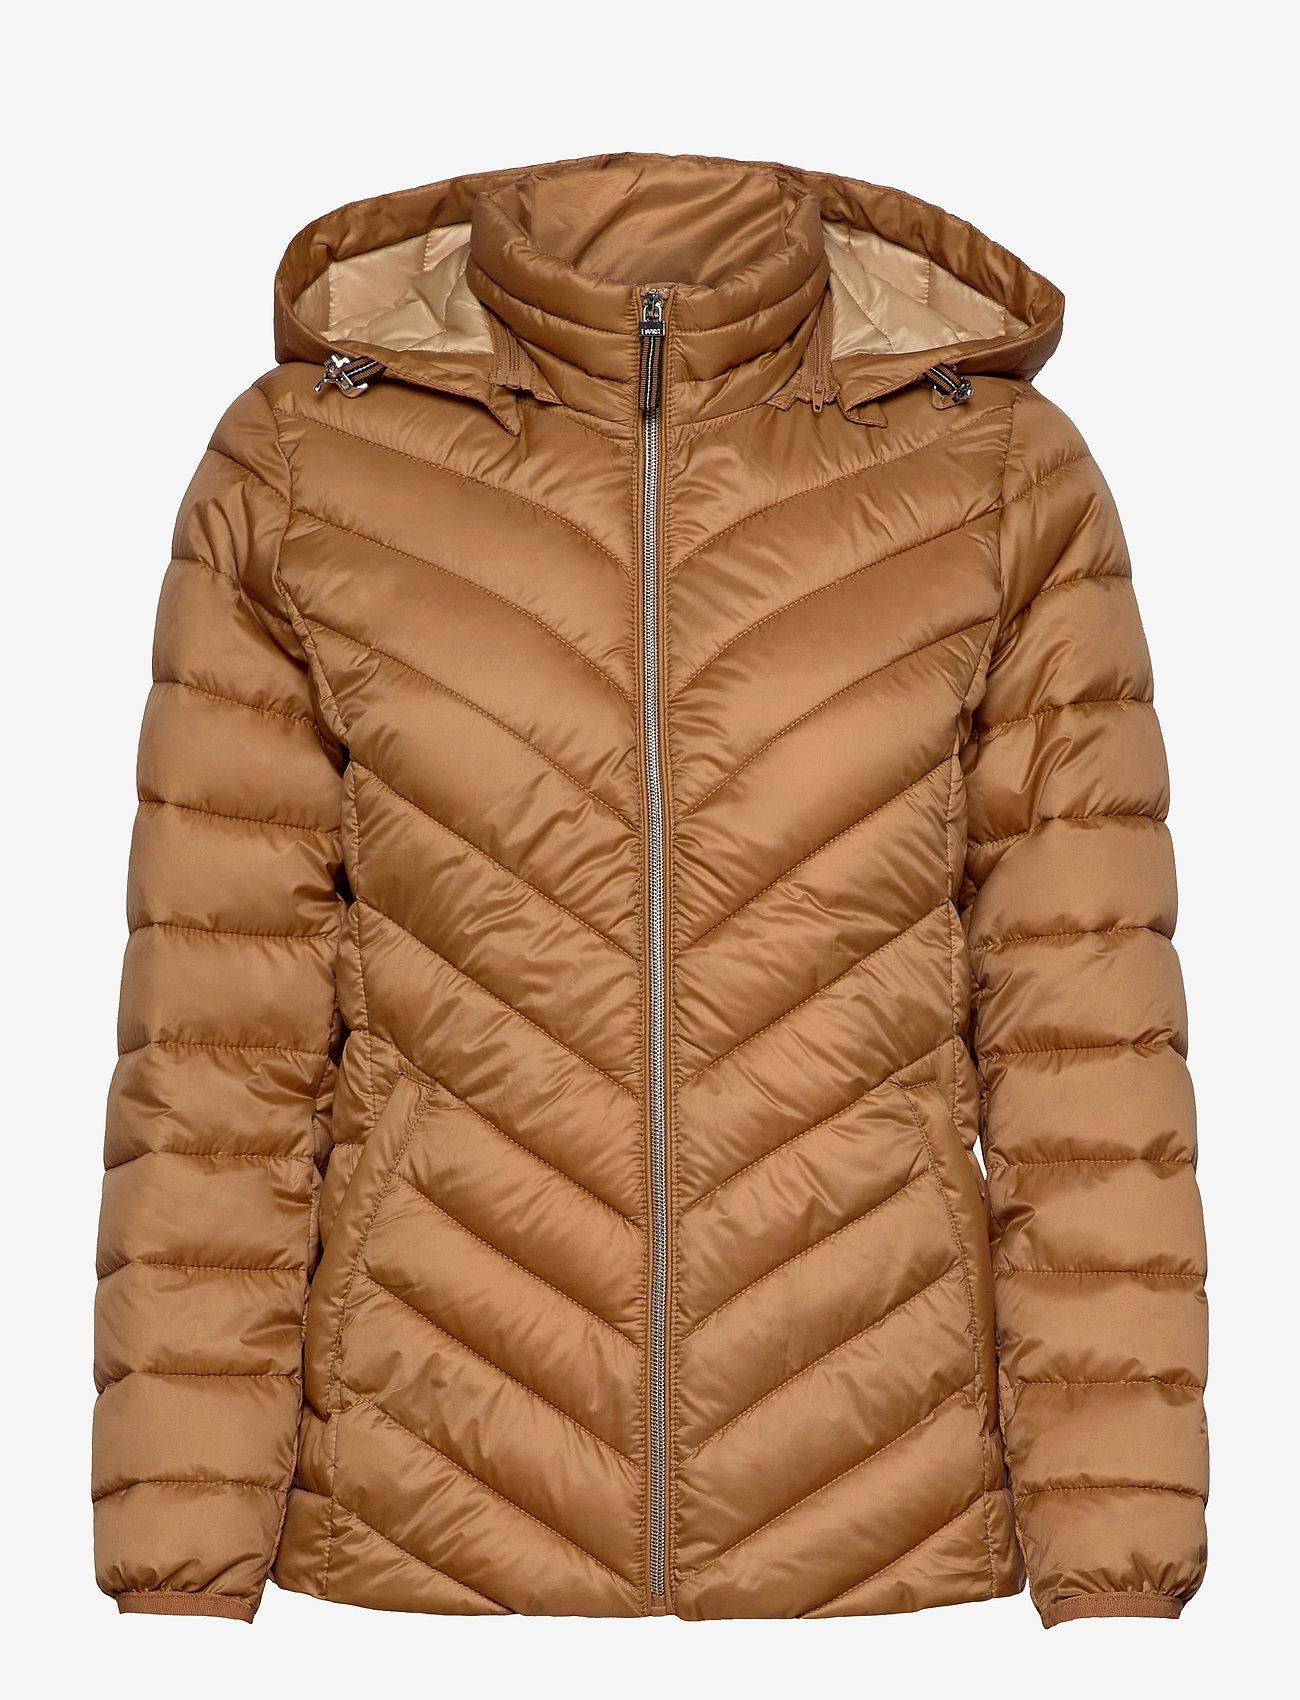 Esprit Casual - Jackets outdoor woven - doudounes - camel - 1